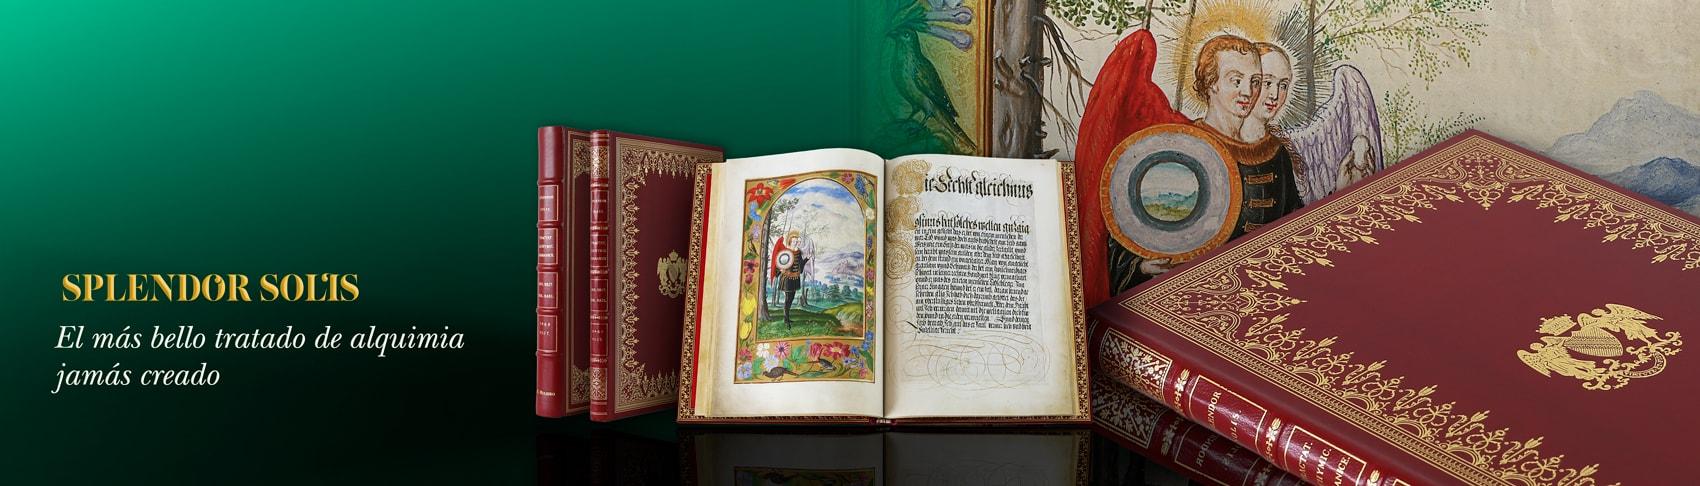 Splendor Solis, British Library es el más bello tratado de alquimia. Atribuido Salomón Trismosin - Ulrich Poysel maestro Paracelso